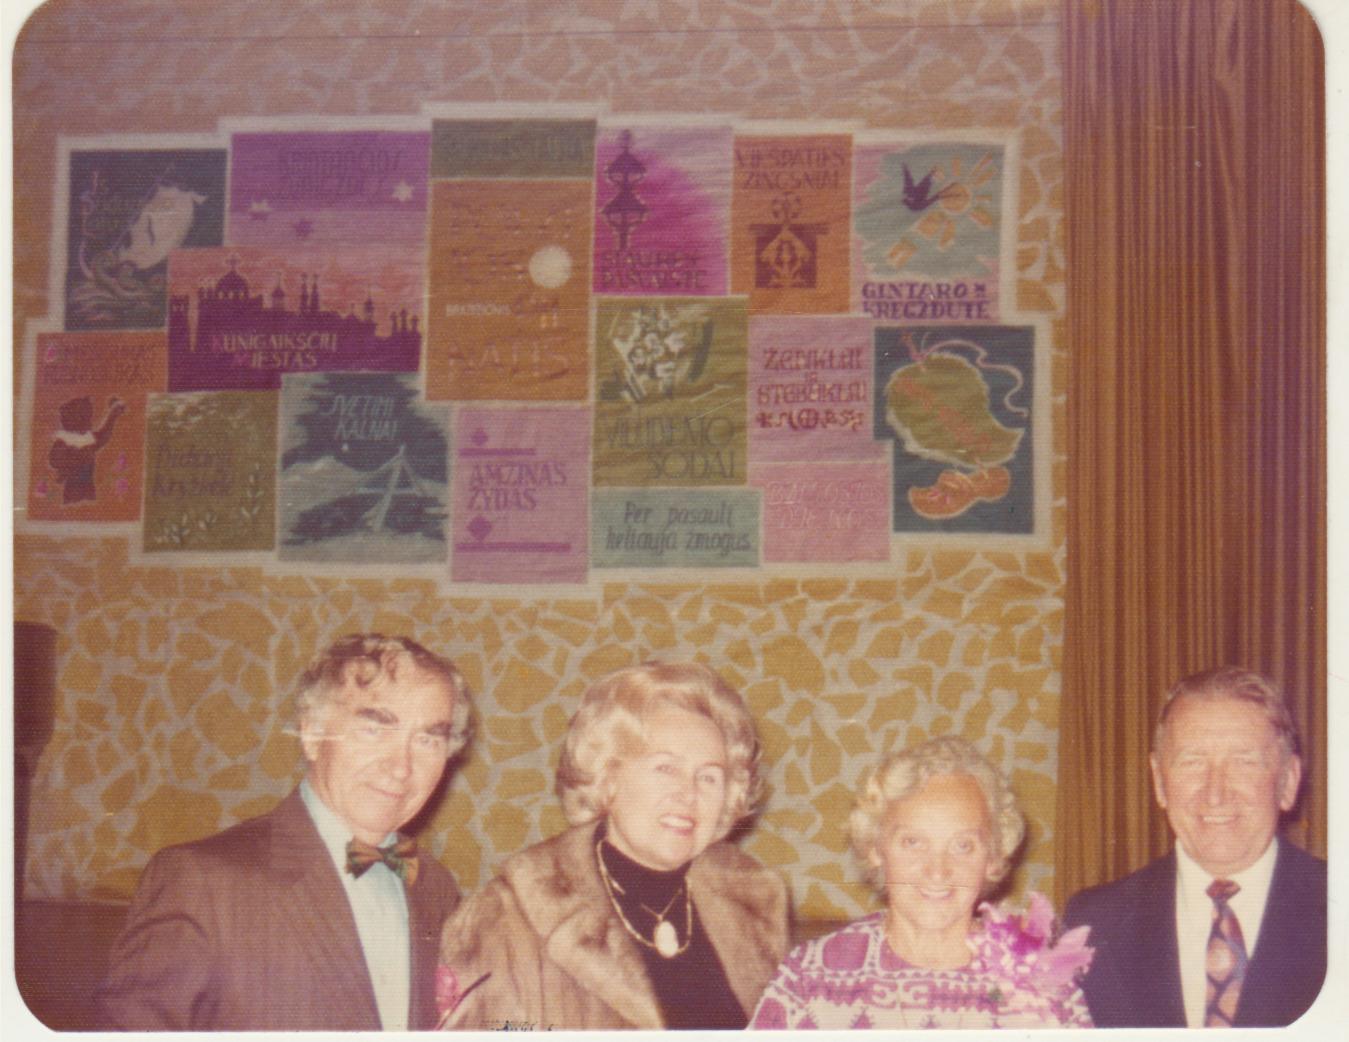 Iš kairės: Bern. Brazdžionis, E. Budriūnienė, A. Brazdžionienė, Bronius Budriūnas. 1976 m.